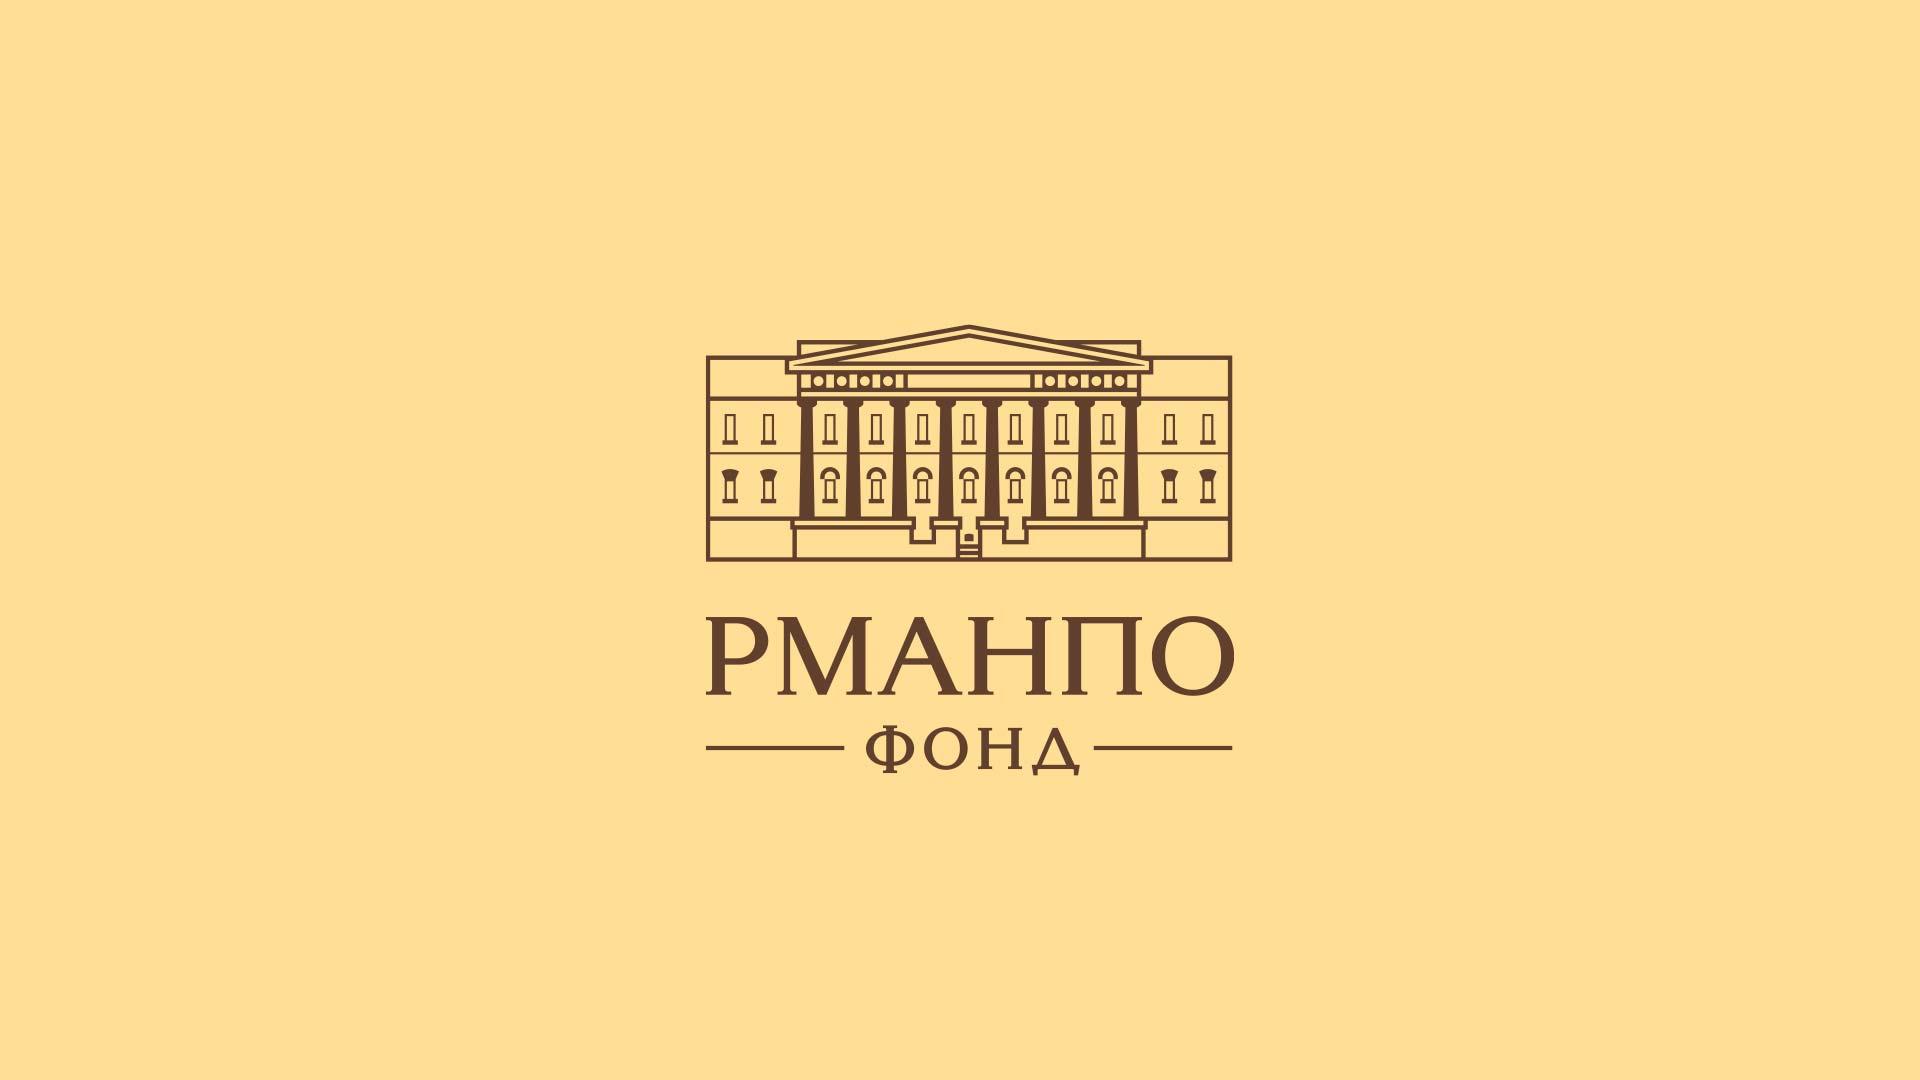 Разработка логотипа РМАНПО ФОНД - на фирменом фоне